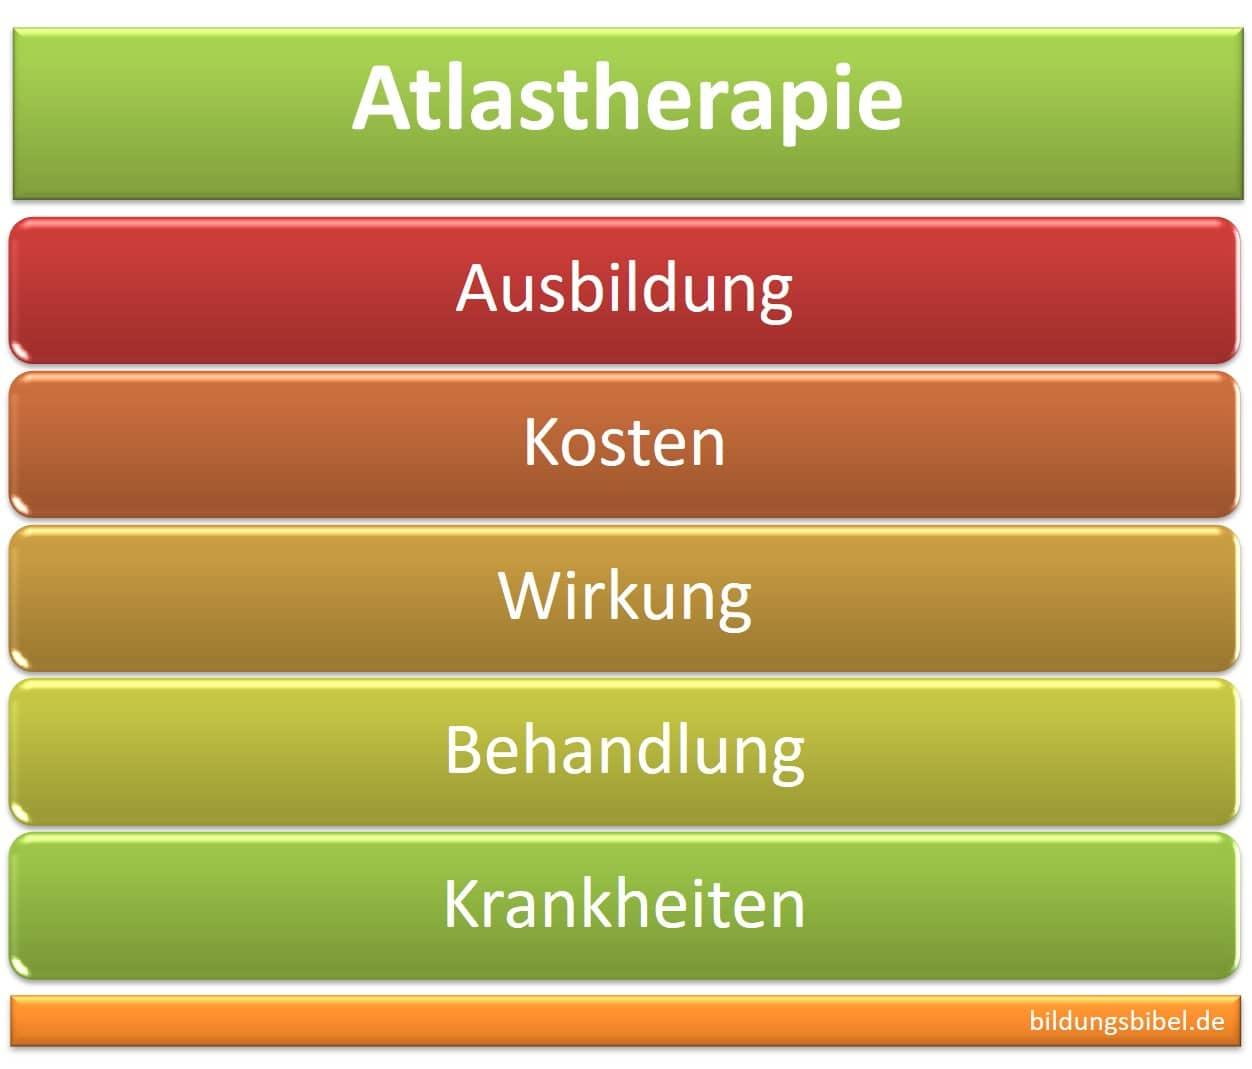 Atlastherapie, Ausbildung zum Atlastherapeuten, Wirkung, Kosten, Behandlung, Krankheiten